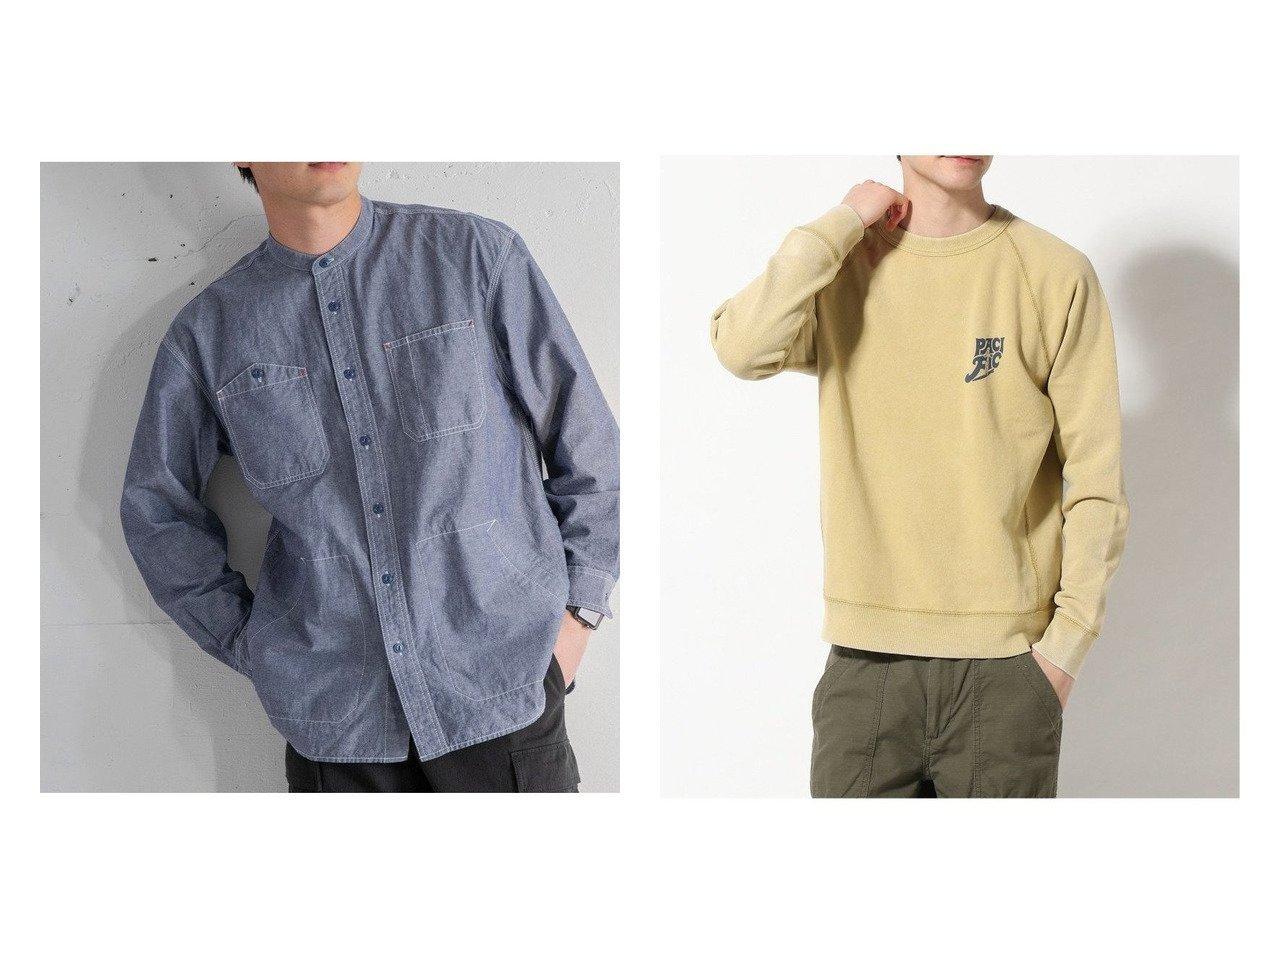 【BAYFLOW / MEN/ベイフロー】のSNOWウラケLS&【COEN / MEN/コーエン メン】のバンドカラーワークシャツジャケット 【MEN】おすすめ!人気トレンド・男性、メンズファッションの通販 おすすめで人気の流行・トレンド、ファッションの通販商品 メンズファッション・キッズファッション・インテリア・家具・レディースファッション・服の通販 founy(ファニー) https://founy.com/ ファッション Fashion メンズファッション MEN トップス Tops Tshirt Men シャンブレー ジャケット デニム 長袖 ポケット ワンポイント ワーク 2021年 2021 再入荷 Restock/Back in Stock/Re Arrival S/S 春夏 SS Spring/Summer 2021 春夏 S/S SS Spring/Summer 2021 NEW・新作・新着・新入荷 New Arrivals イエロー インナー オレンジ カットソー スウェット プリント ベーシック ヴィンテージ 人気 冬 Winter 春 Spring |ID:crp329100000019816